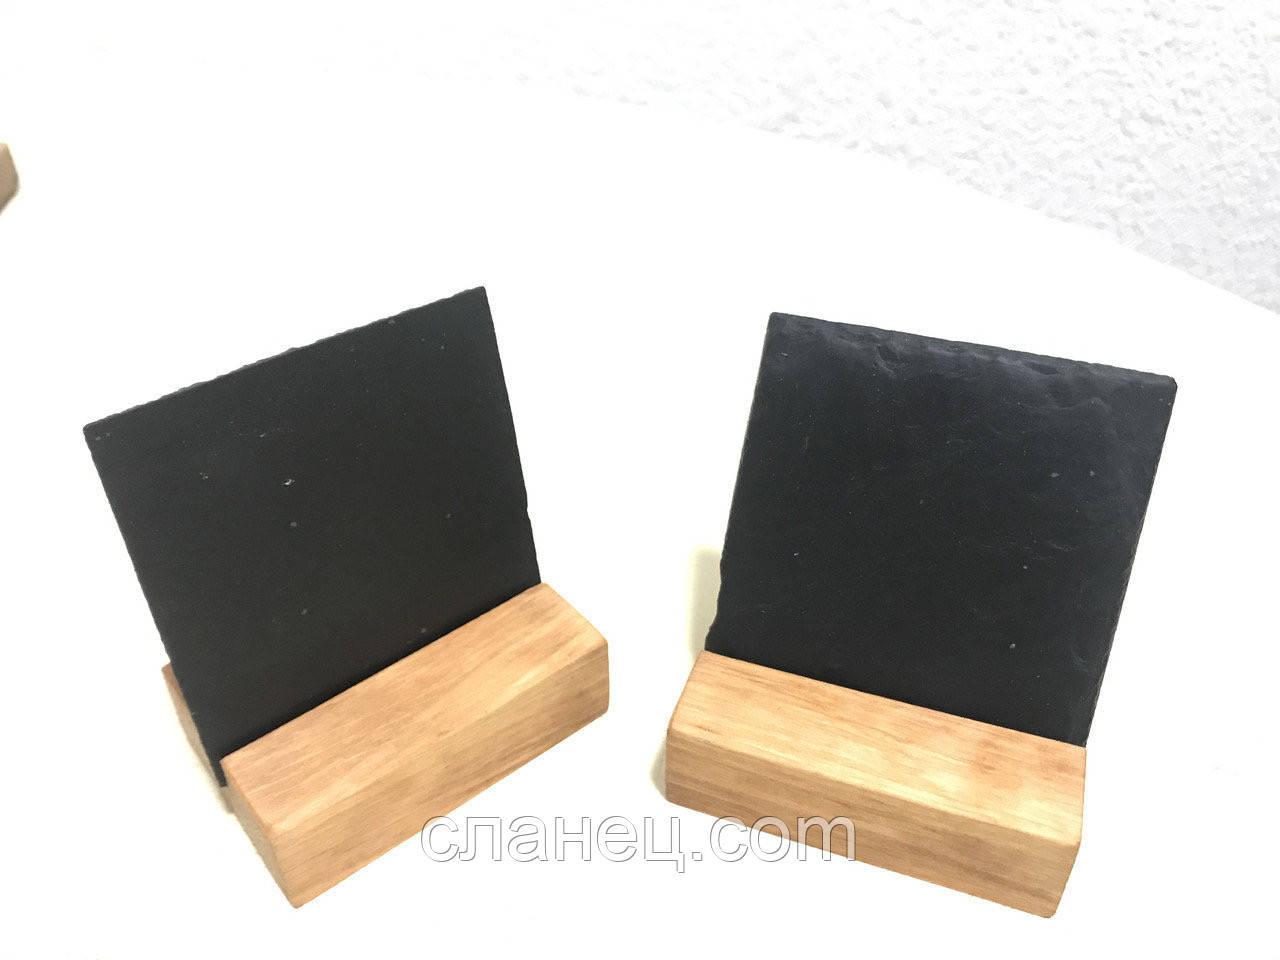 Меловые грифельные доски 9,5 х 9,5 см